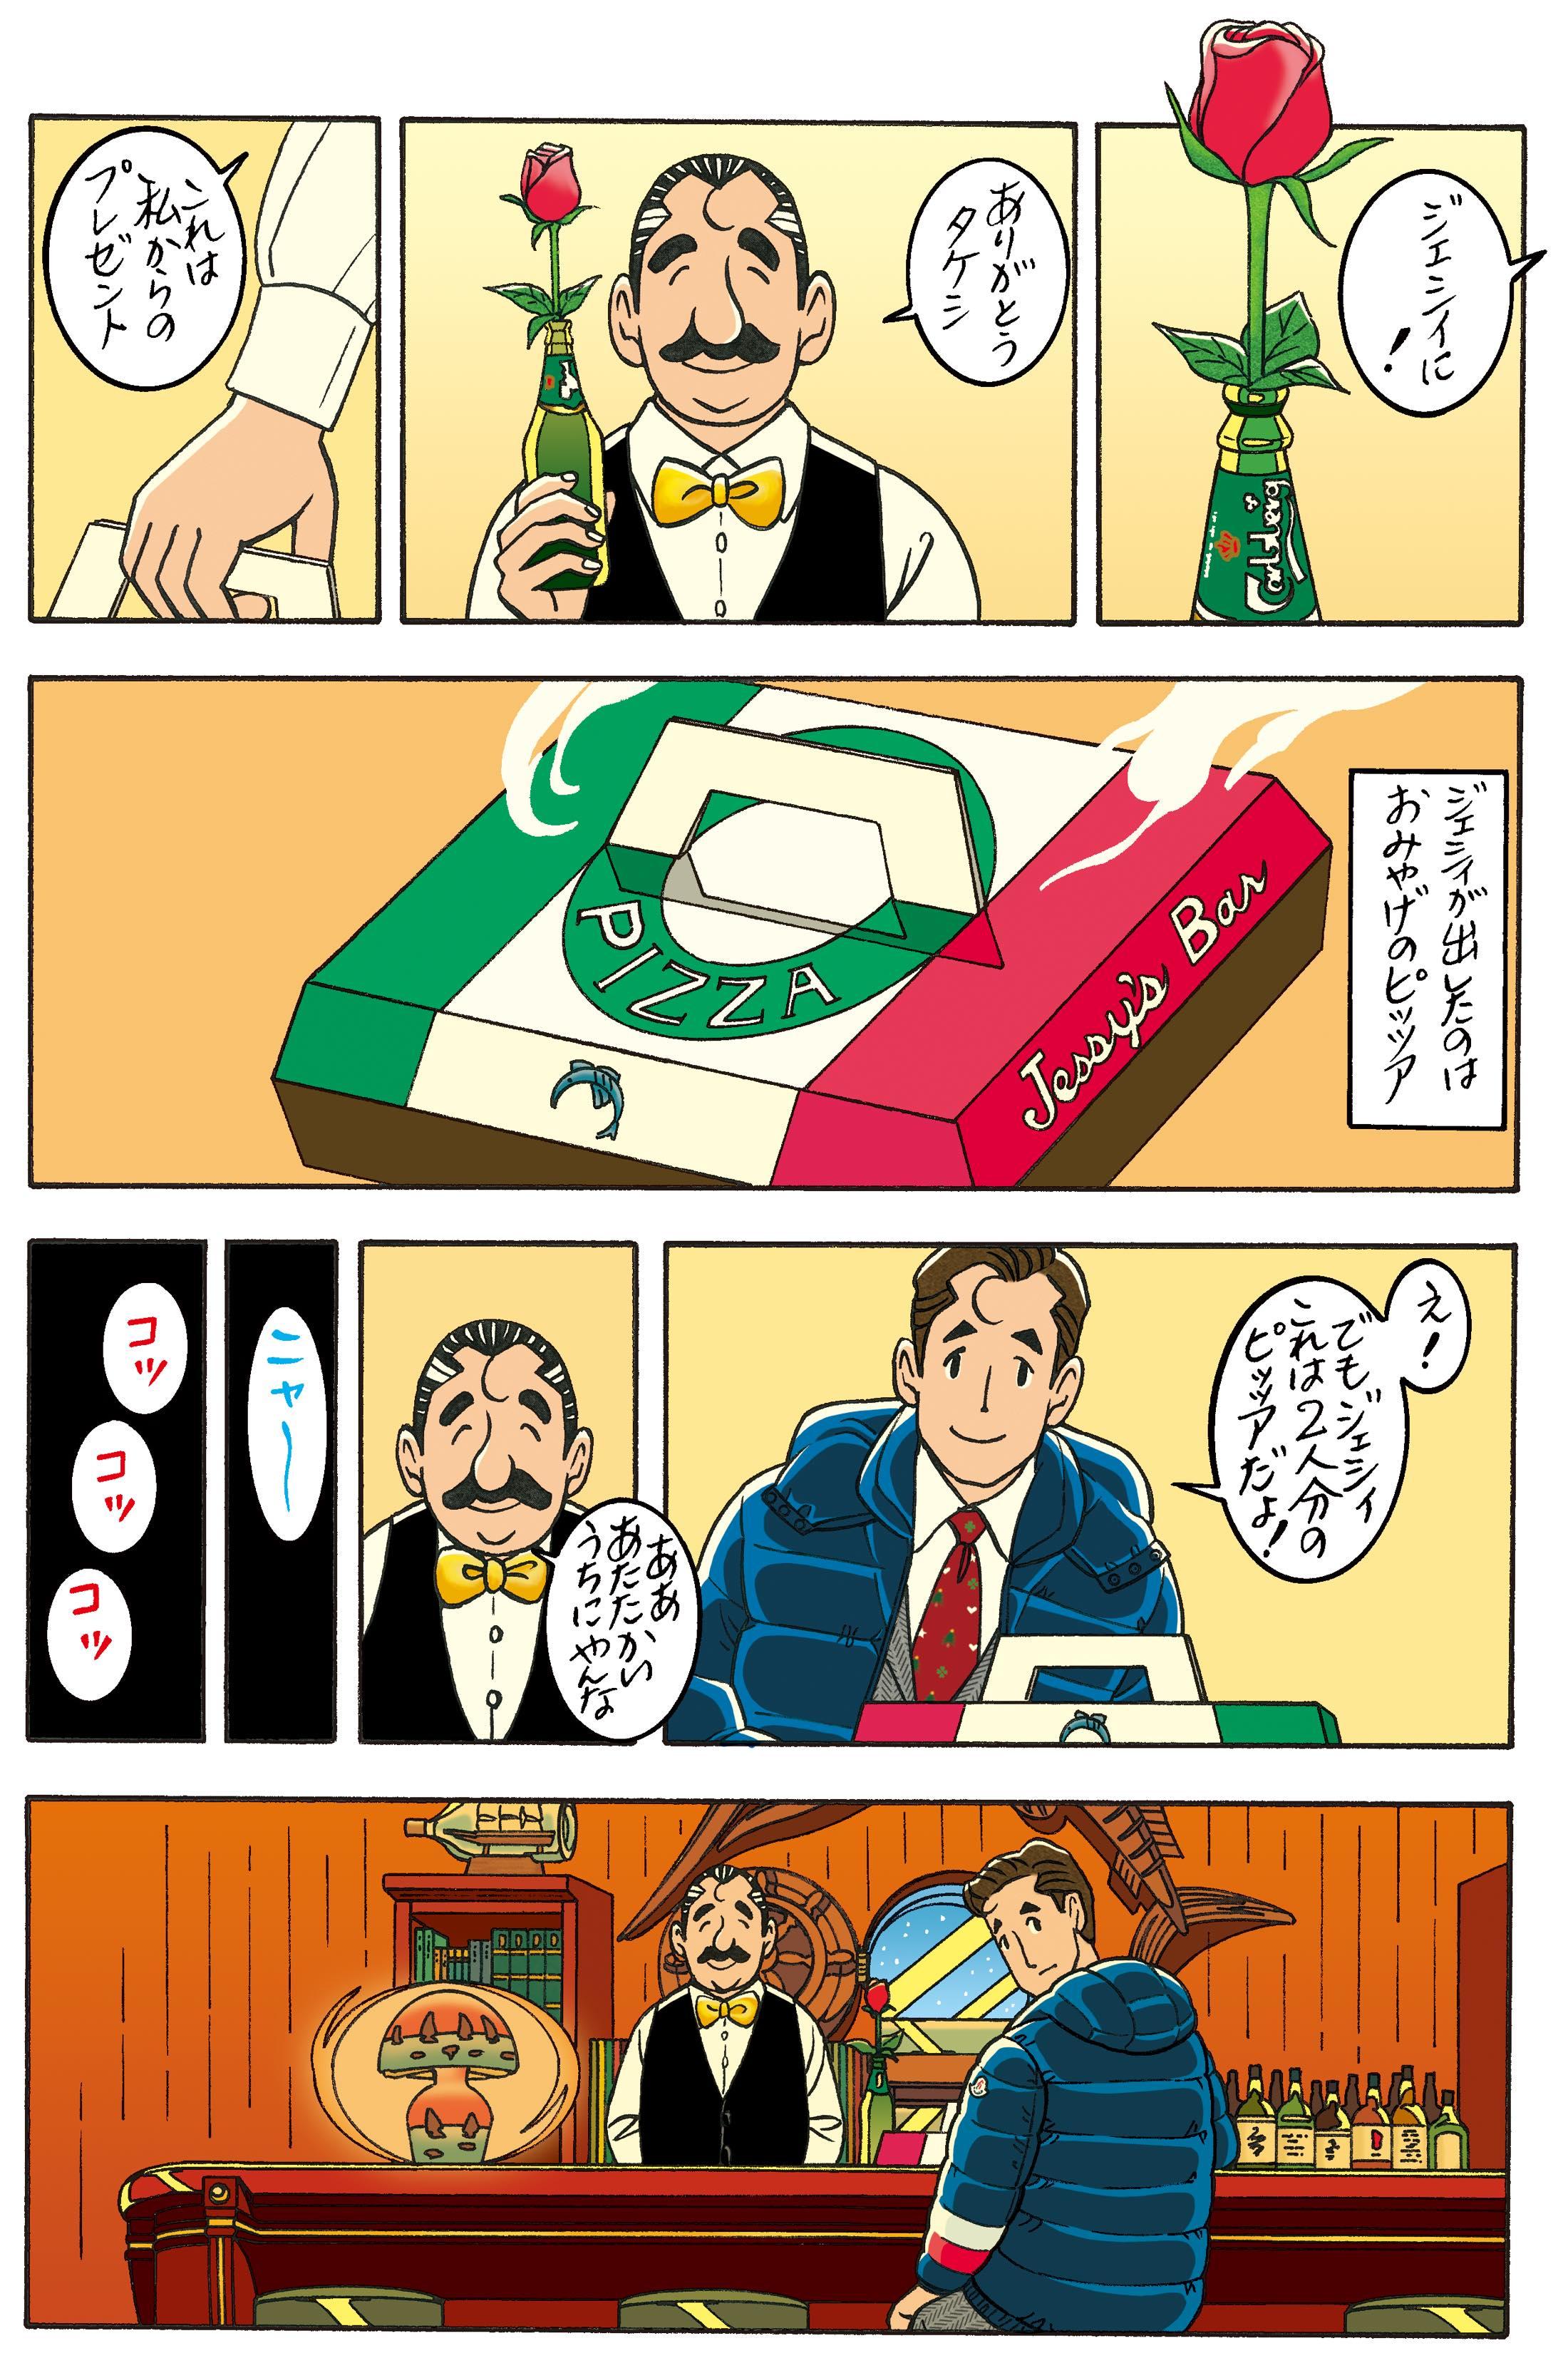 ワンダーカクテル 【第32話 サンタクロースの足音】7ページ目画像